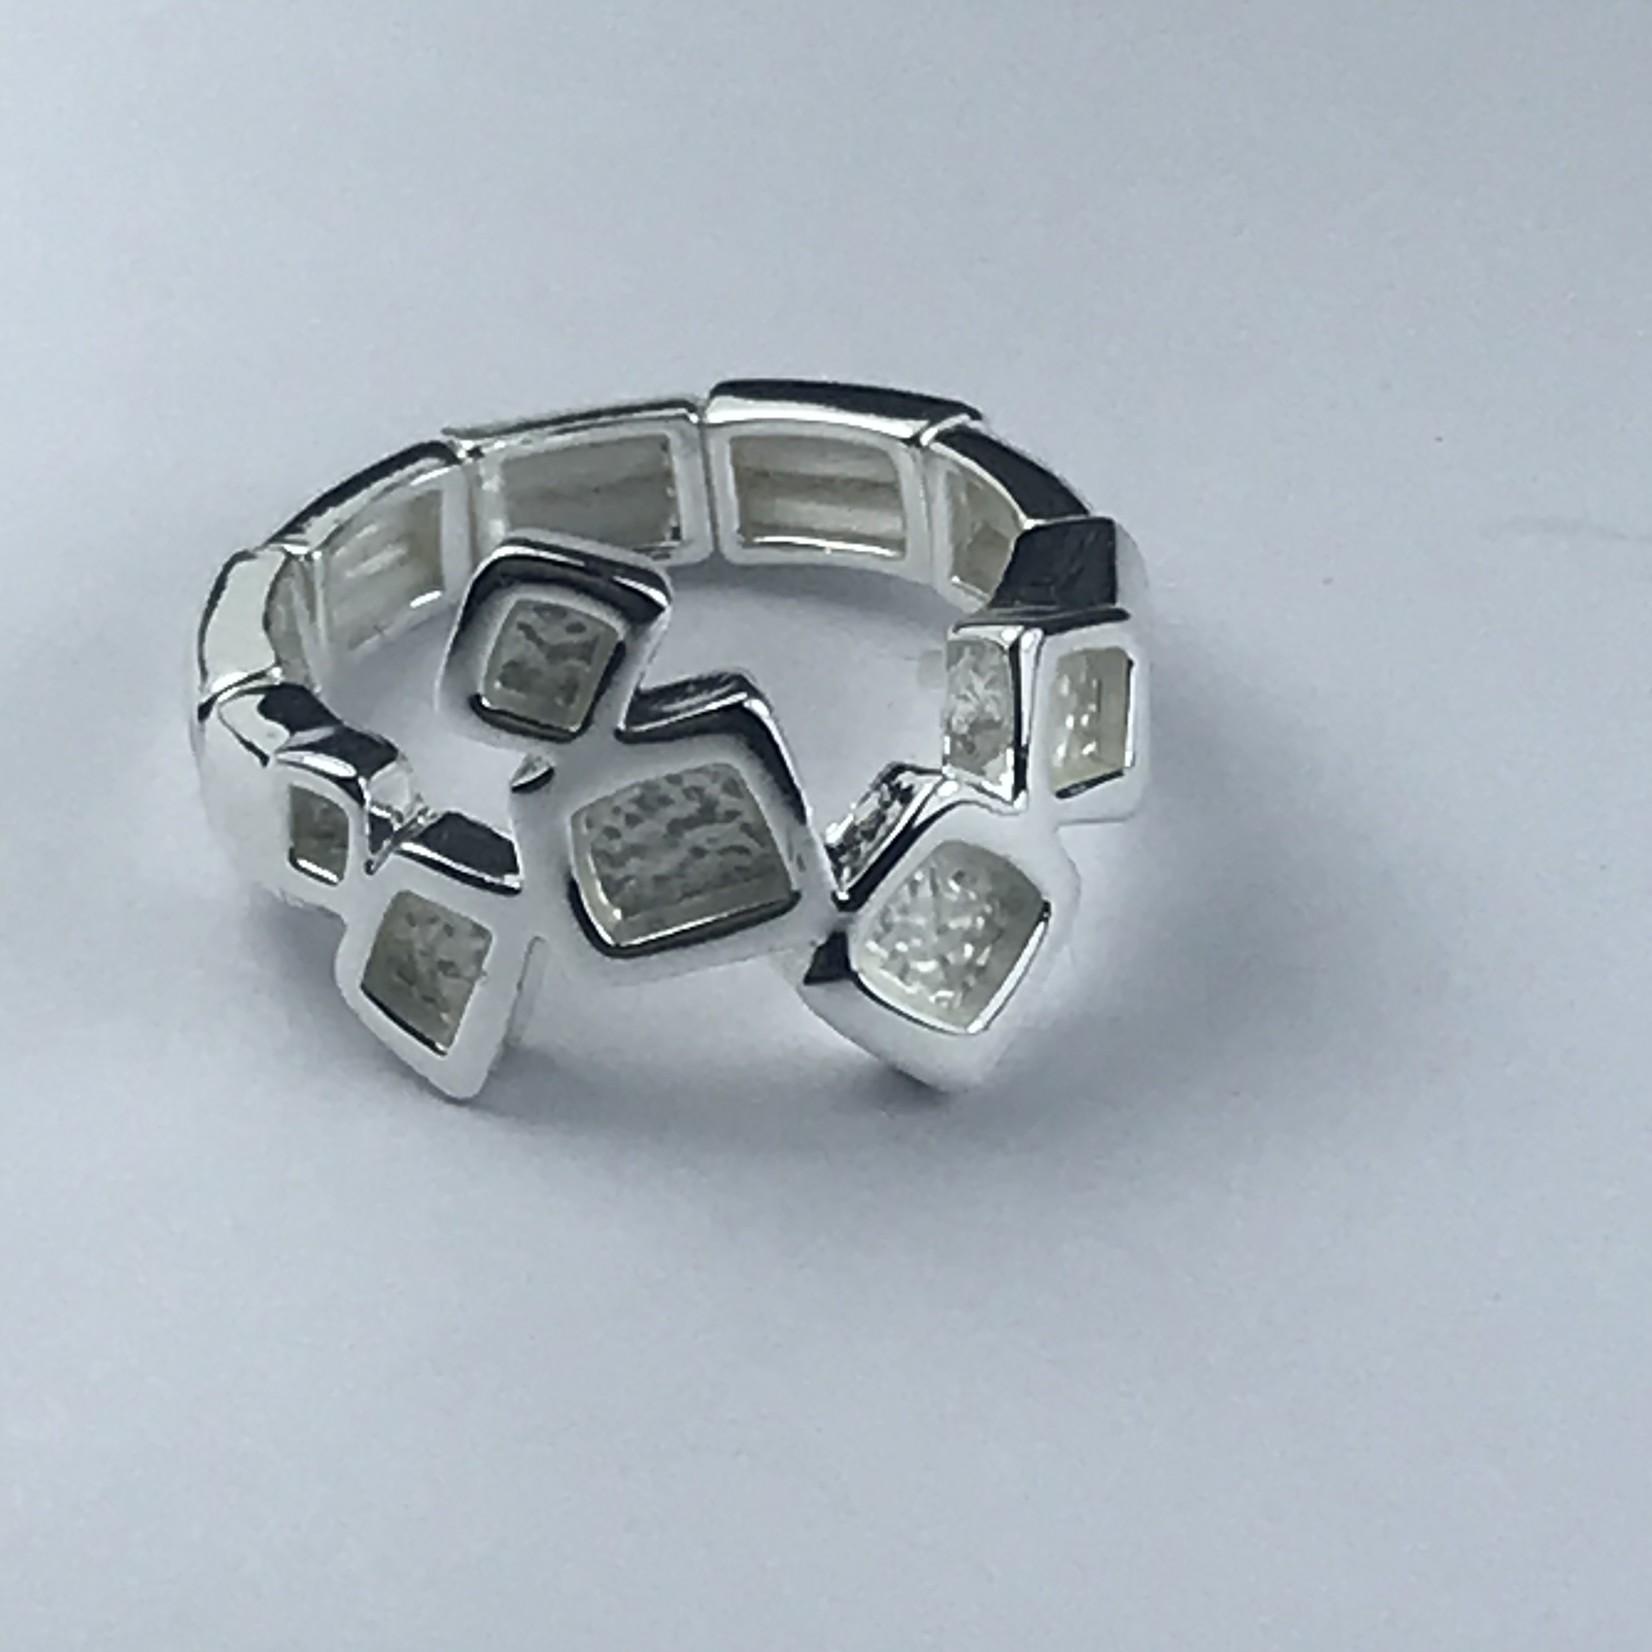 Axxes-Soir Ring  elastisch zilverkleurig met blokjes